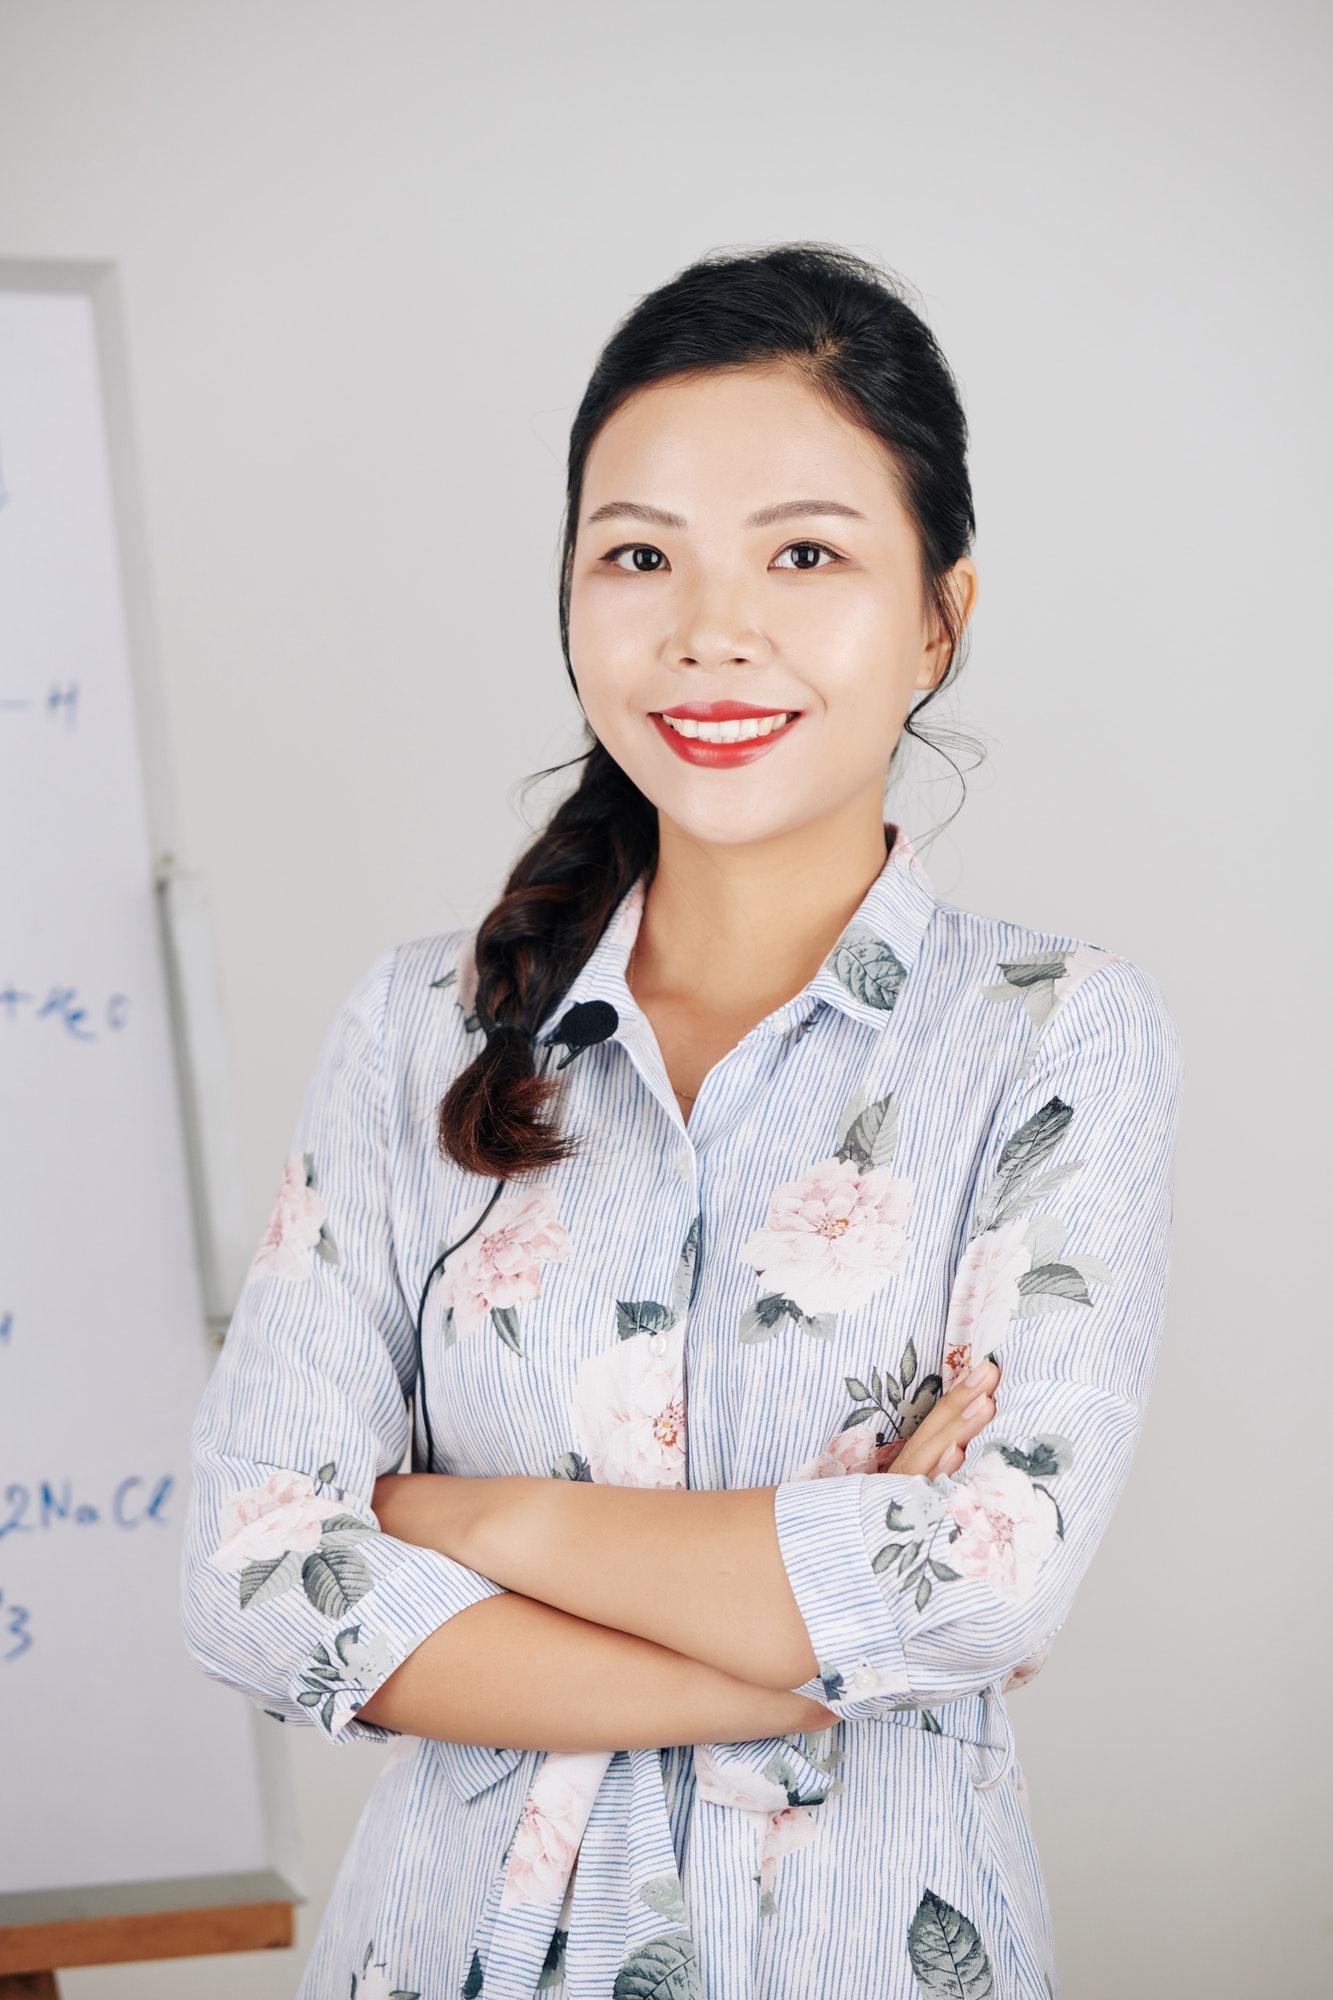 smiling-science-teacher.jpg